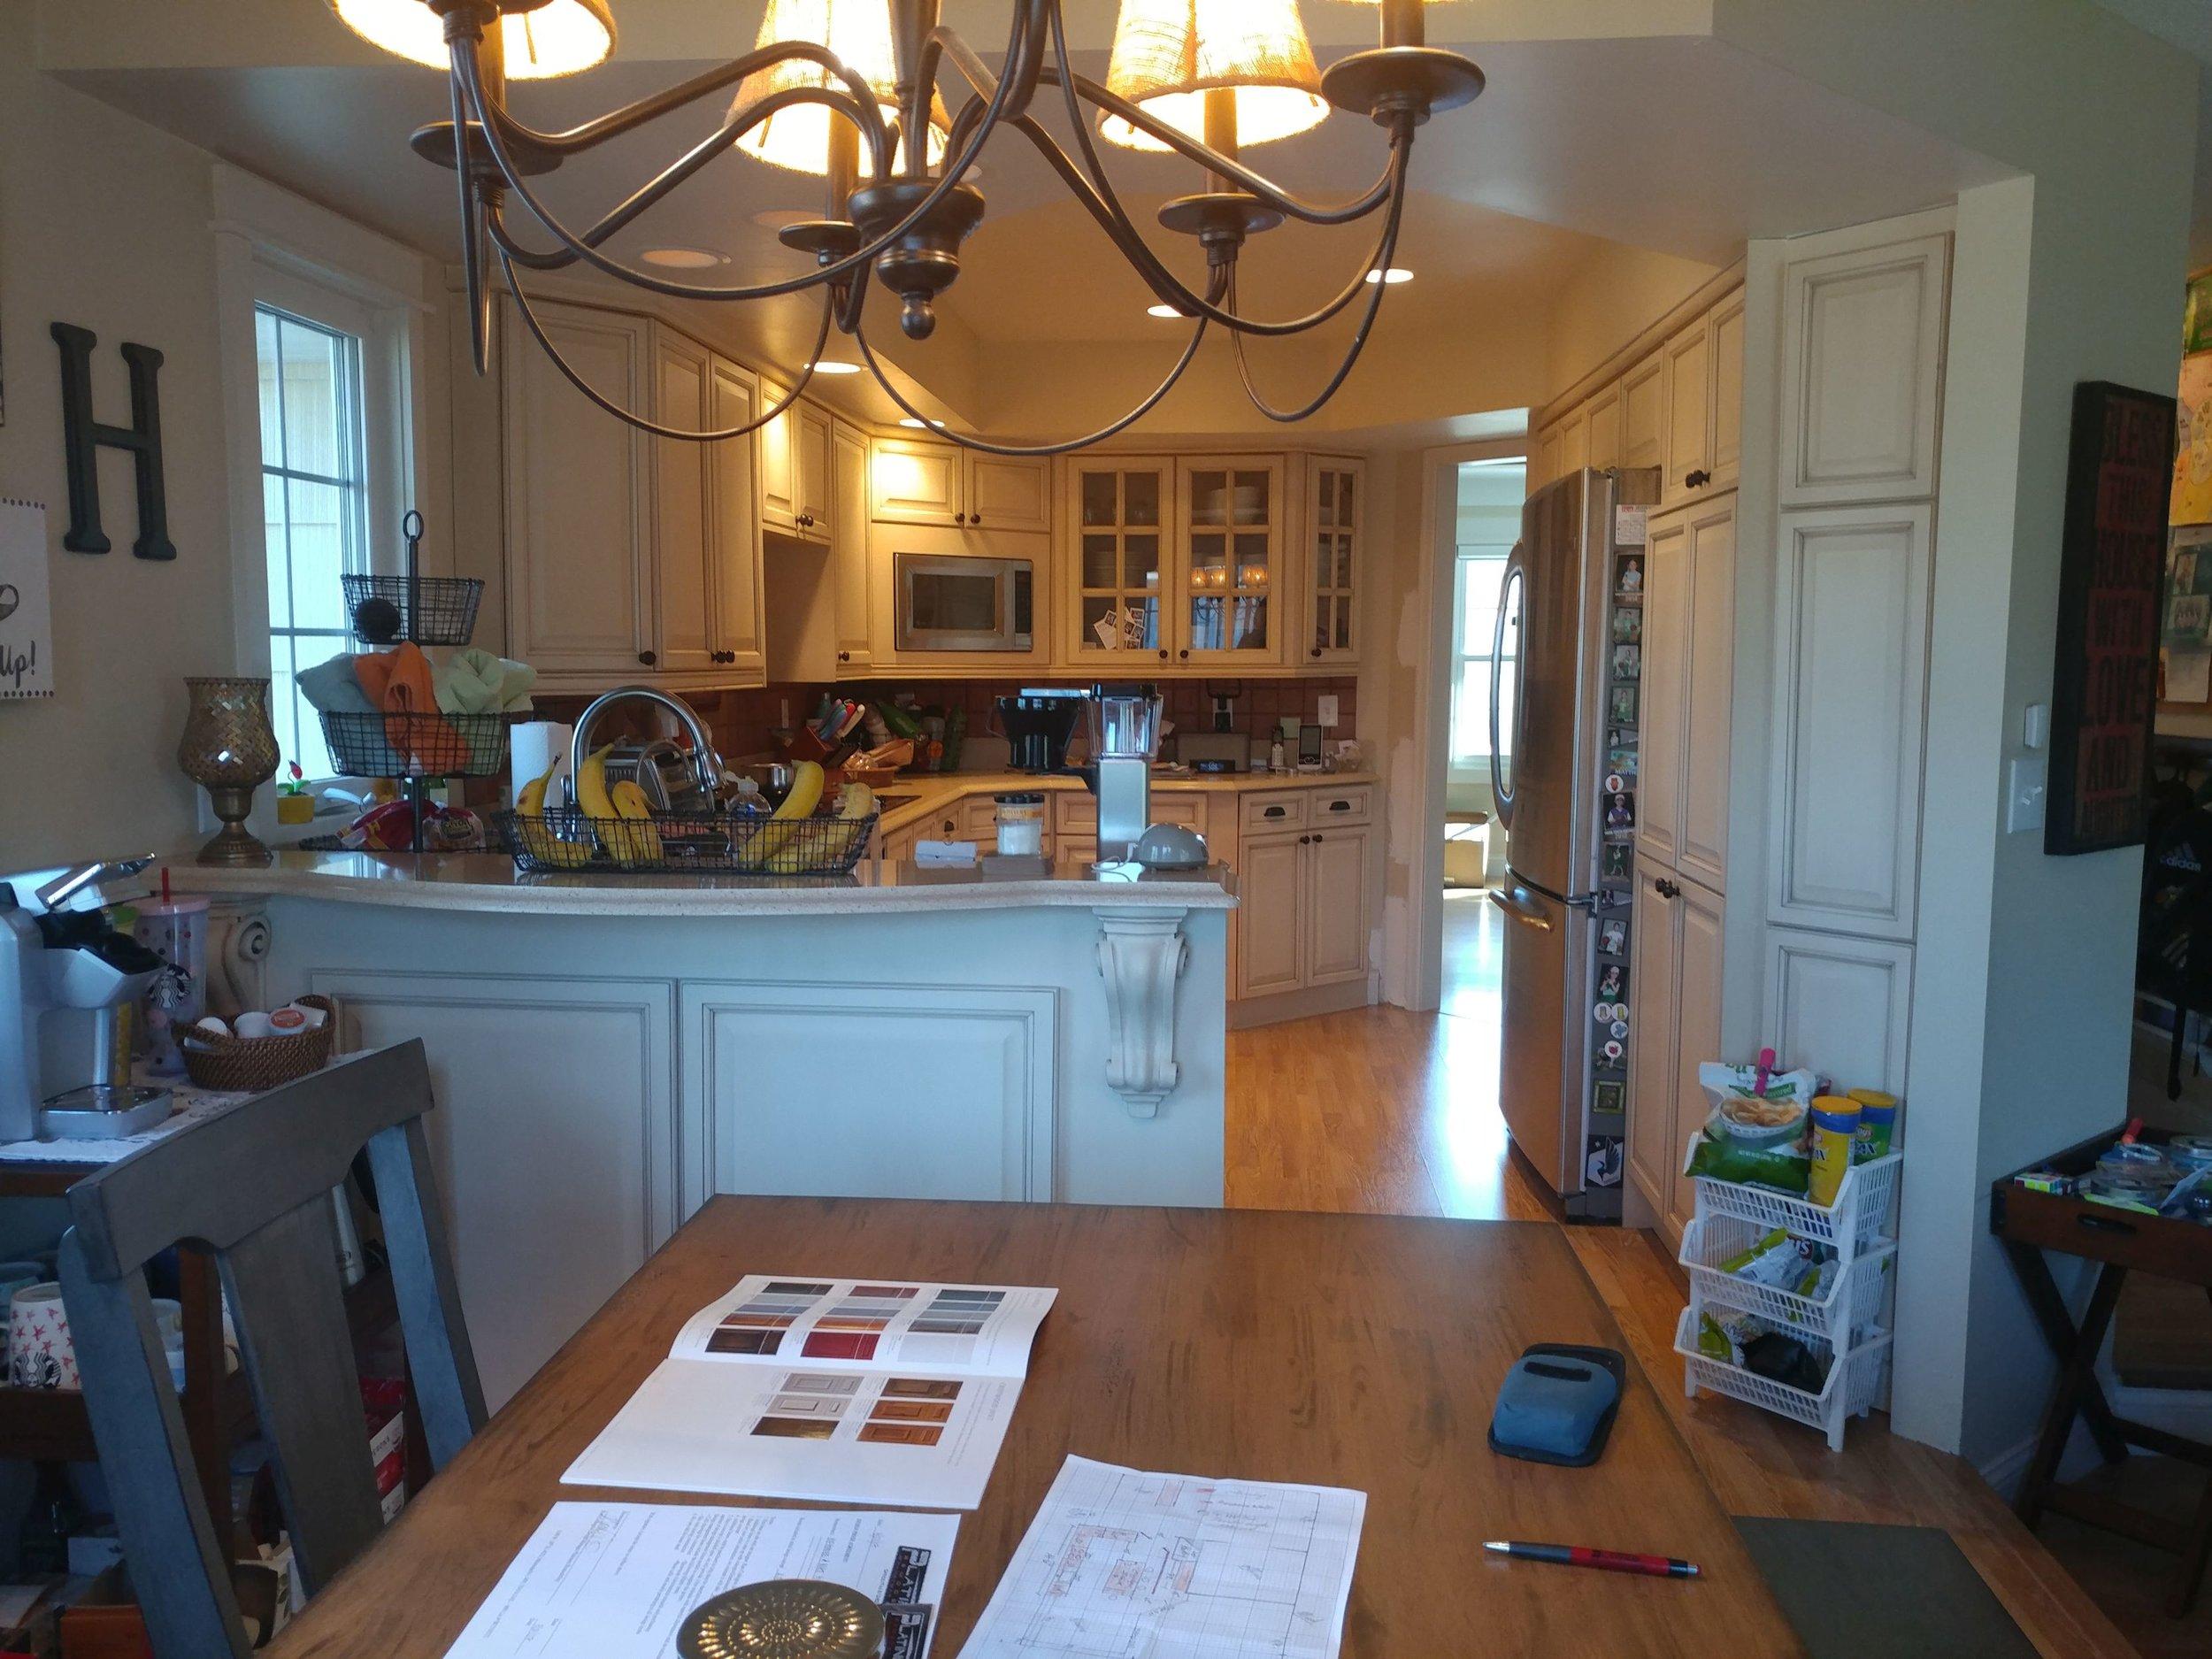 richards_kitchen_11.jpg